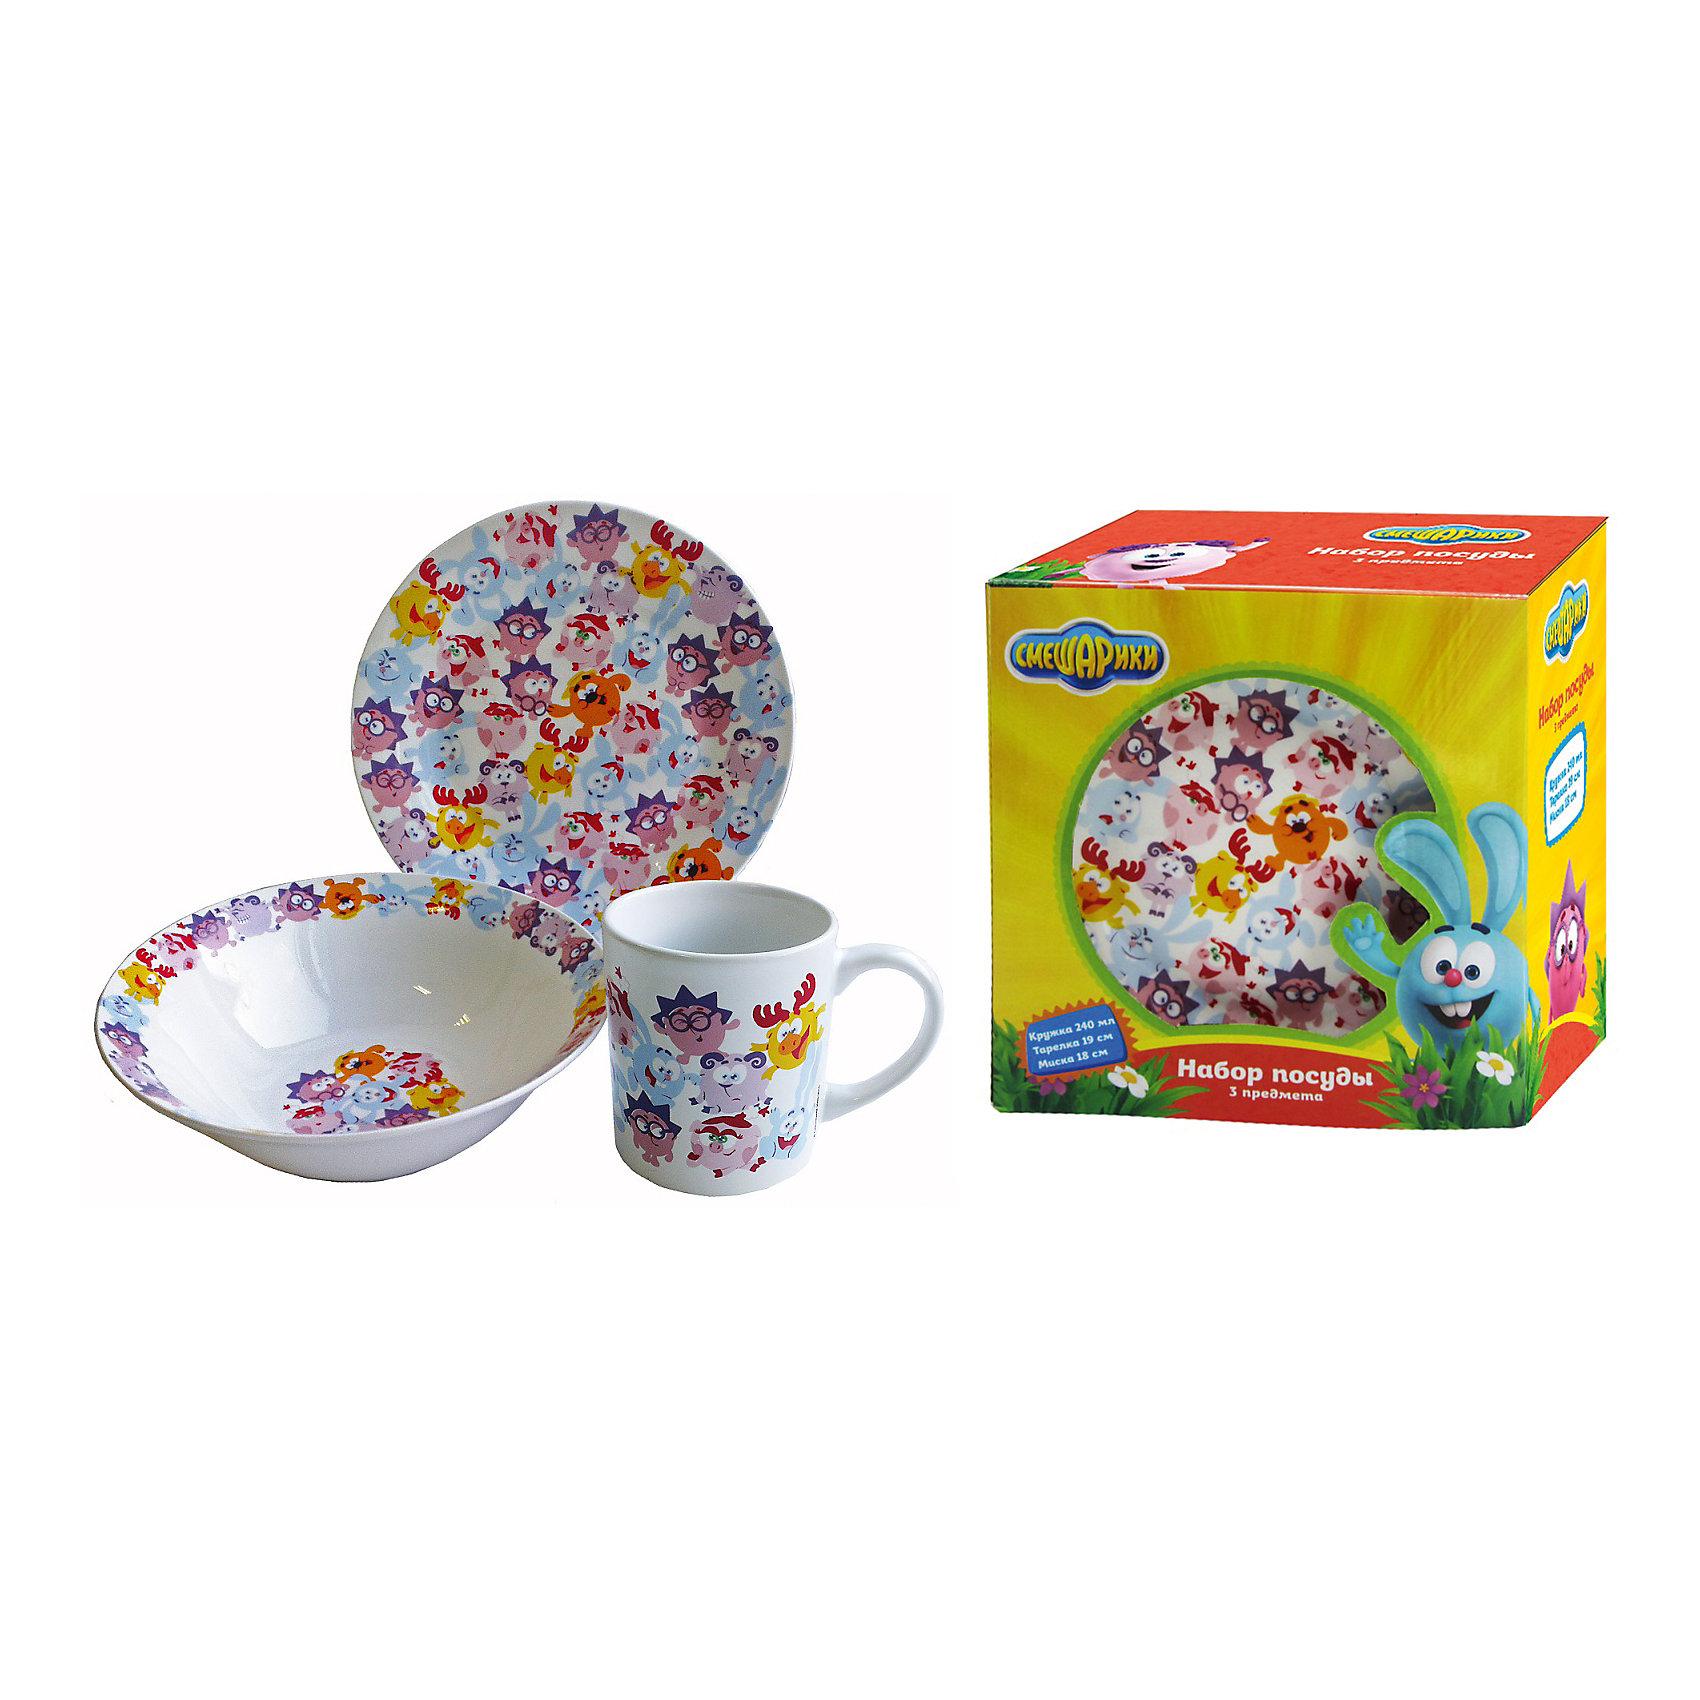 Набор керамической посуды Бум! (3 предмета), СмешарикиСмешарики<br>Набор керамической посуды Бум! (3 предмета), Смешарики<br><br>Характеристики:<br><br>• подходит для микроволновой печи<br>• подходит для посудомоечной машины<br>• красочный дизайн с персонажами мультфильма<br>• материал: керамика<br>• в комплекте: миска, тарелка, кружка<br>• объем кружки: 240 мл<br>• диаметр миски: 18 см<br>• диаметр тарелки: 19 см<br>• размер упаковки: 19,5х11х19,5 см<br>• вес: 1000 грамм<br><br>Когда в гости приходят Смешарики, обед становится еще интереснее! Набор Бум состоит из миски, тарелки и кружки, оформленных изображением всеми любимых персонажей. Все изделия выполнены из керамики. Рисунок хорошо держится, не стираясь. Объем кружки составляет 240 мл. Диаметр миски - 18 см; диаметр тарелки- 19 см. Посуда походит для использования в микроволновой печи и посудомоечной машине.<br><br>Набор керамической посуды Бум! (3 предмета), Смешарики можно купить в нашем интернет-магазине.<br><br>Ширина мм: 195<br>Глубина мм: 110<br>Высота мм: 195<br>Вес г: 1000<br>Возраст от месяцев: 36<br>Возраст до месяцев: 108<br>Пол: Унисекс<br>Возраст: Детский<br>SKU: 5358593